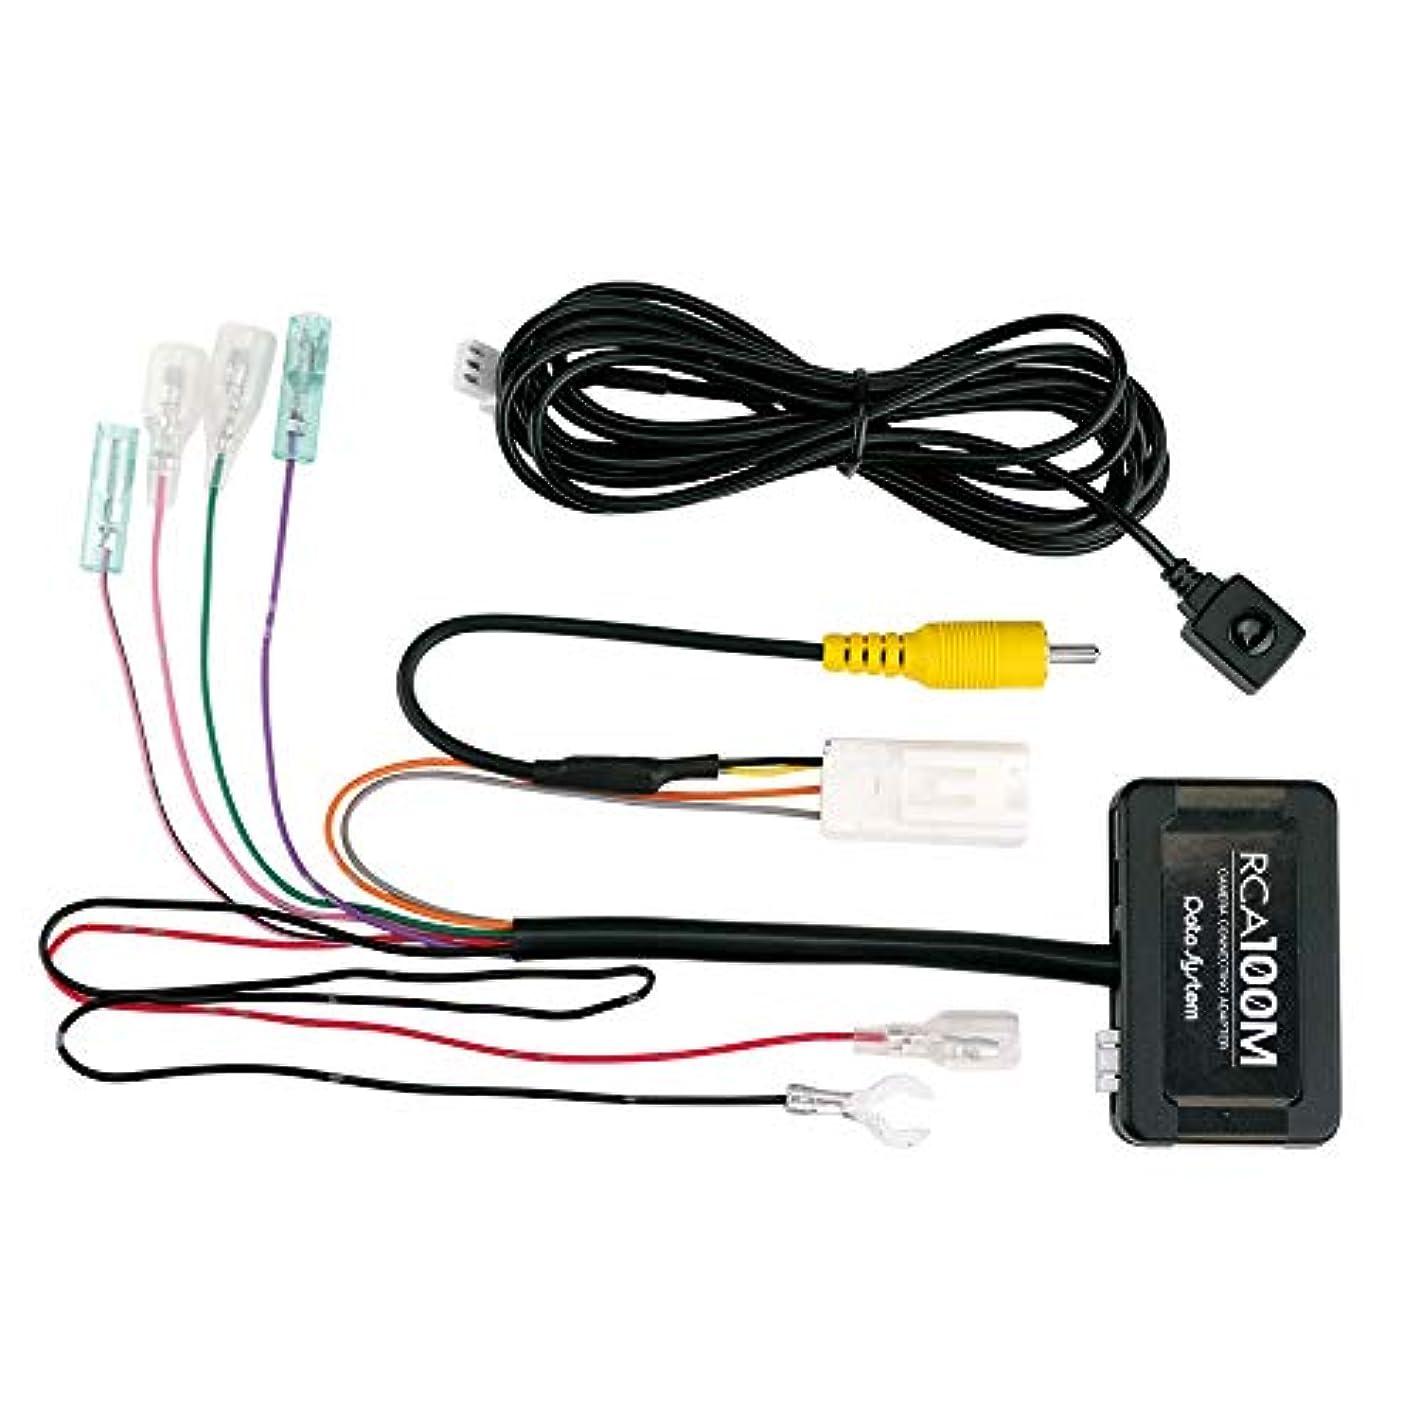 ステレオドアミラーアクチュエータデータシステム(Datasystem)リアカメラ接続アダプター RCA100M